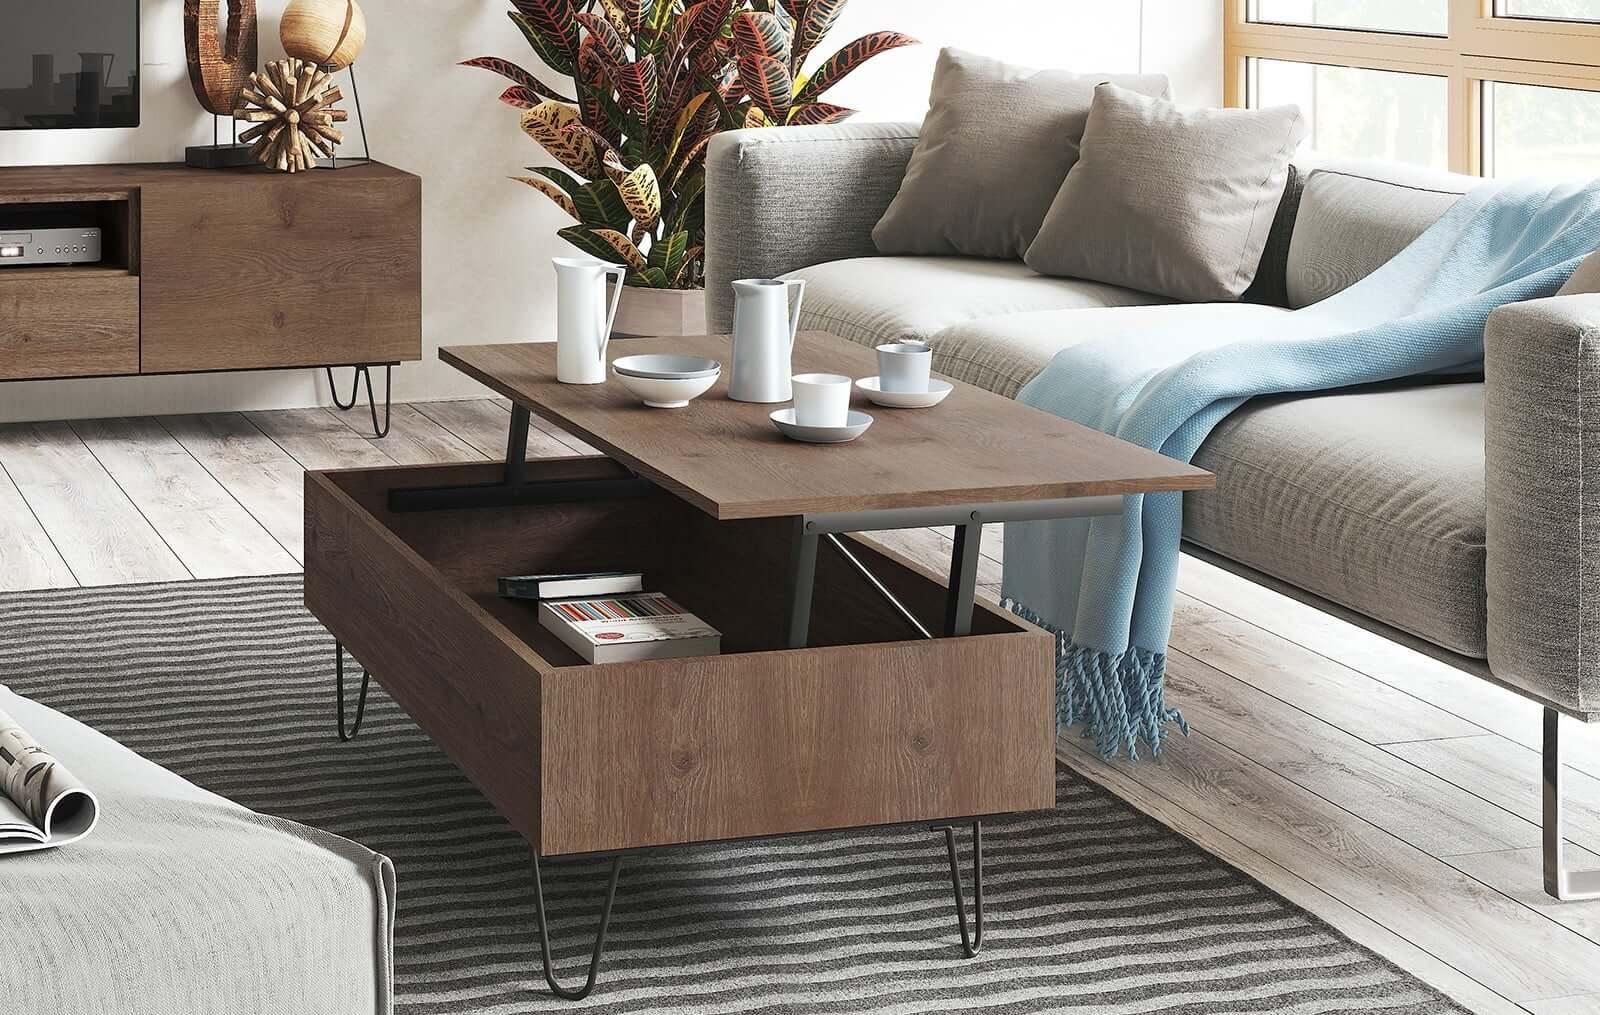 Подъёмный журнальный стол из натурального дерева